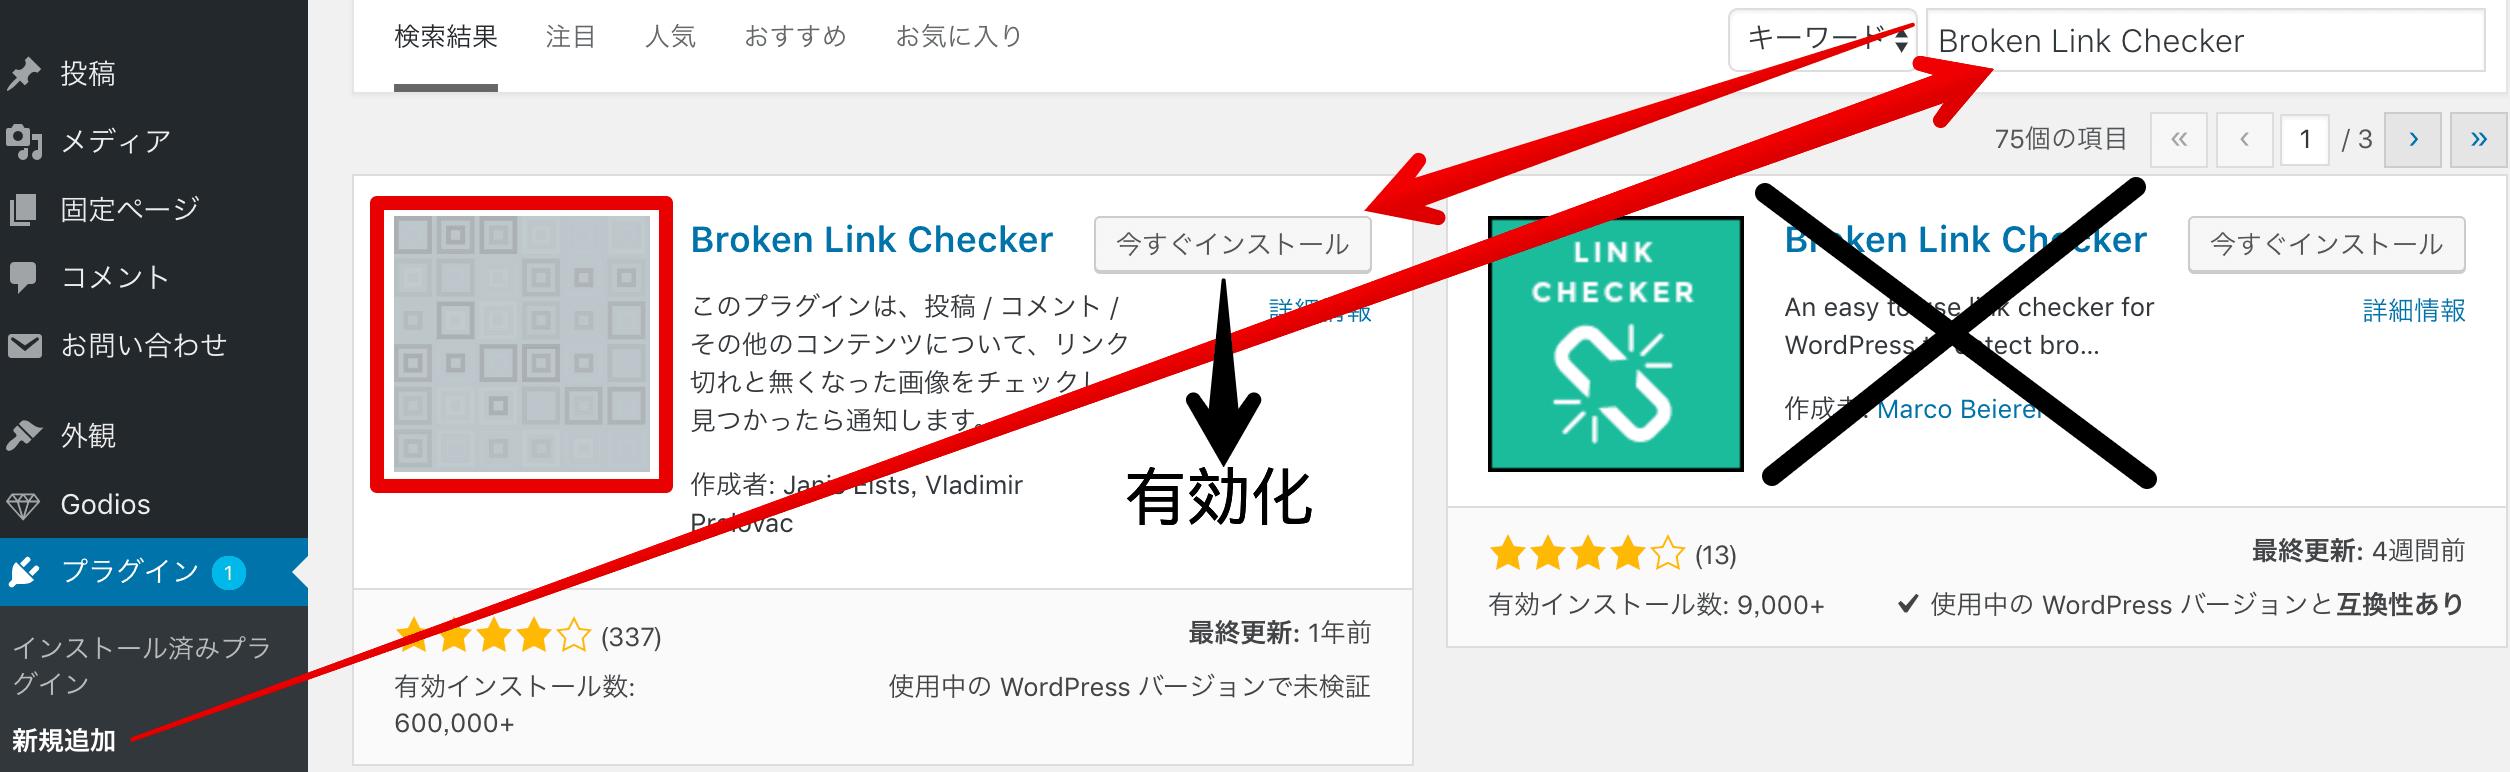 Broken Link Checkerインストール方法